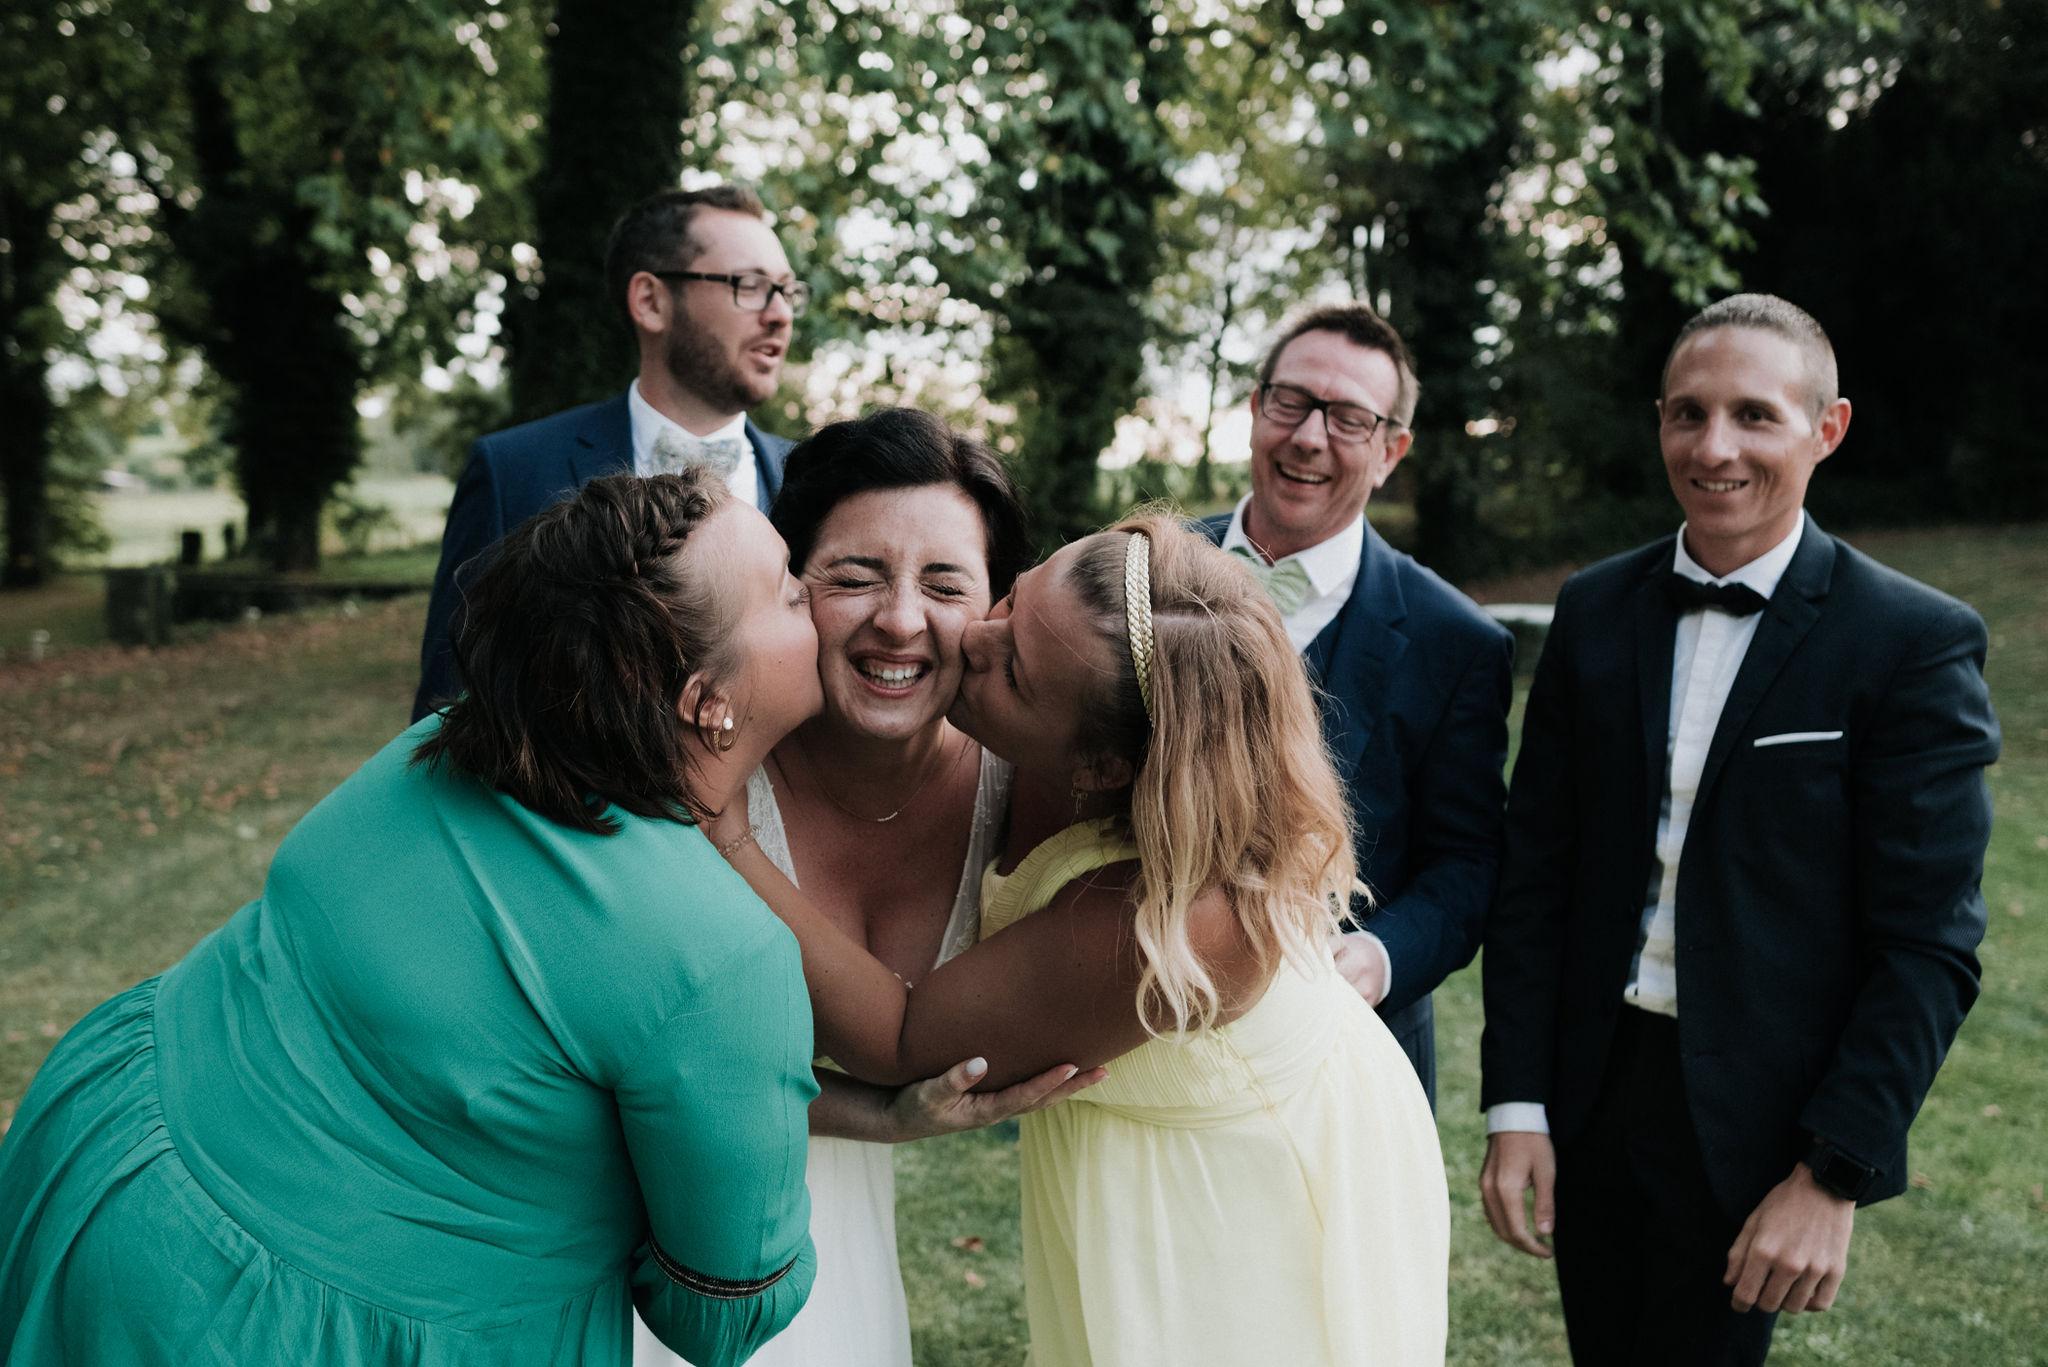 Léa-Fery-photographe-professionnel-lyon-rhone-alpes-portrait-creation-mariage-evenement-evenementiel-famille--165.jpg